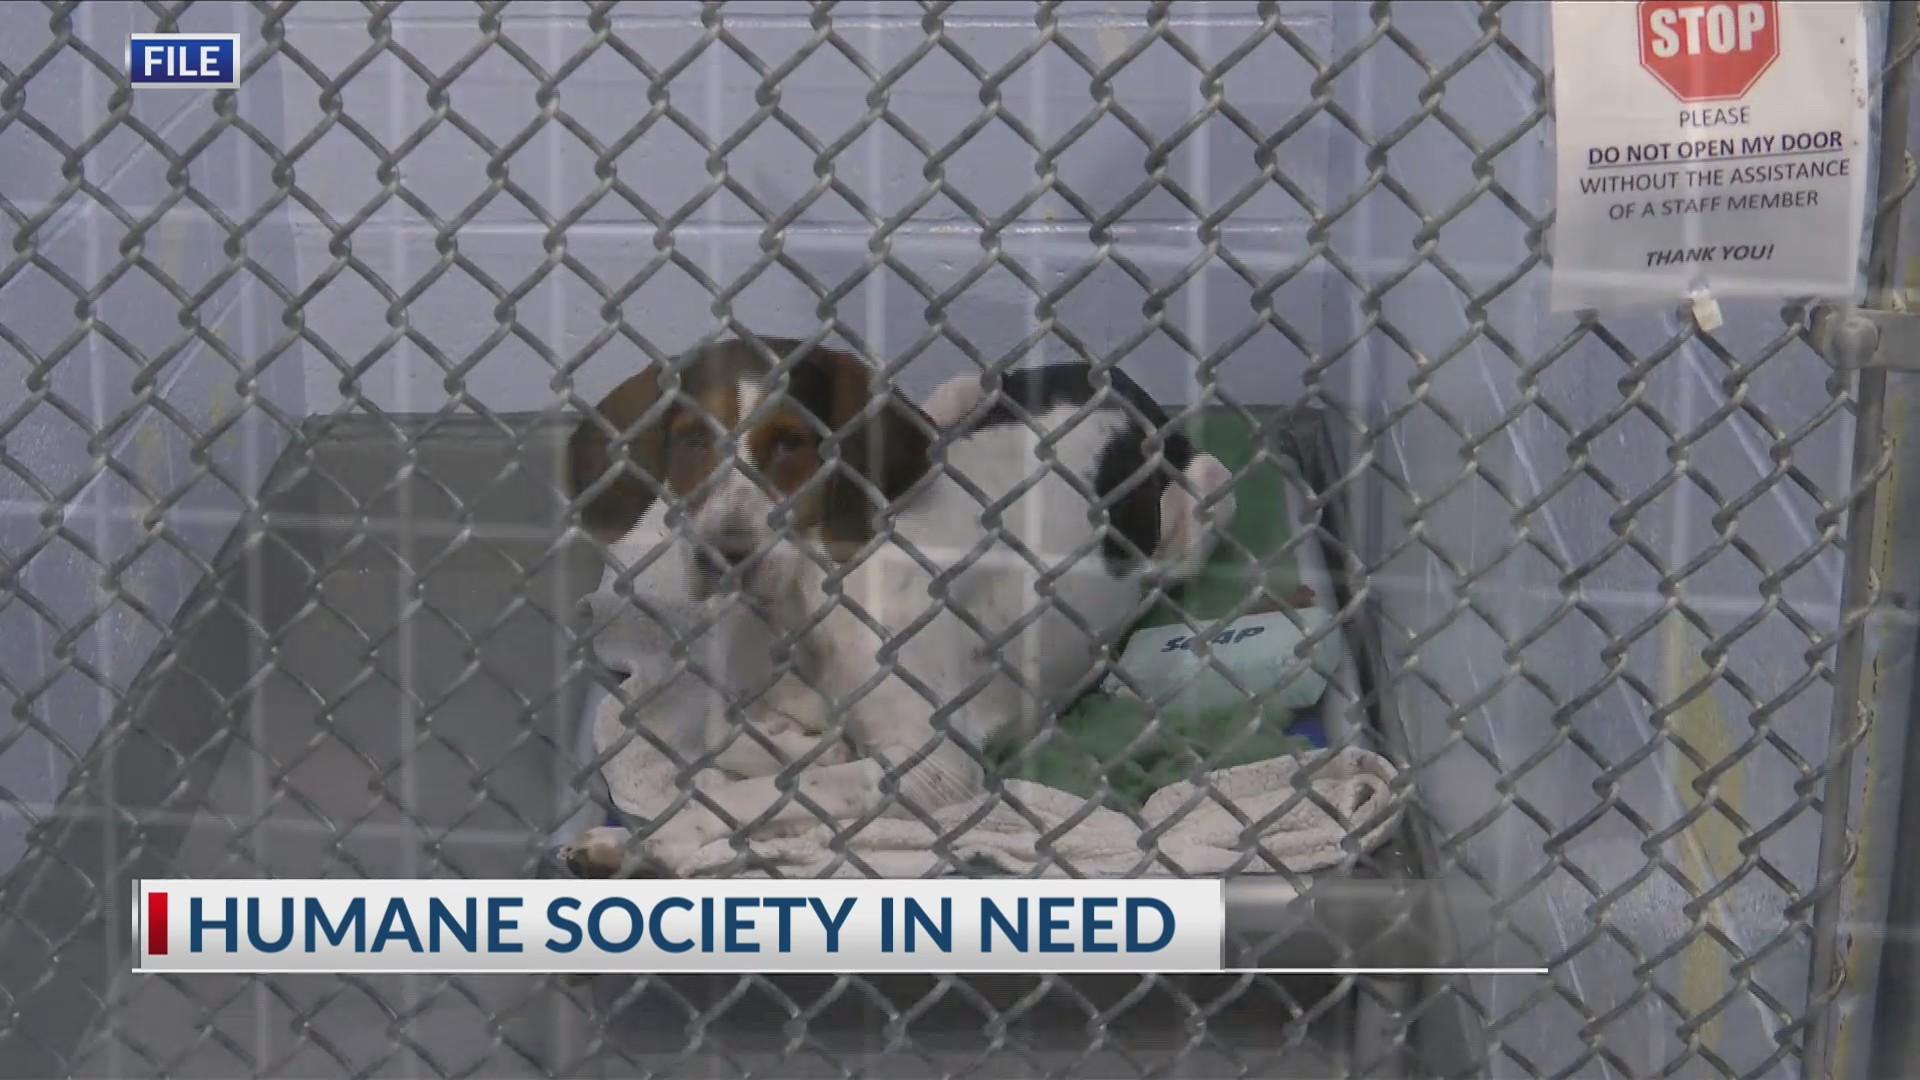 Human Society needs